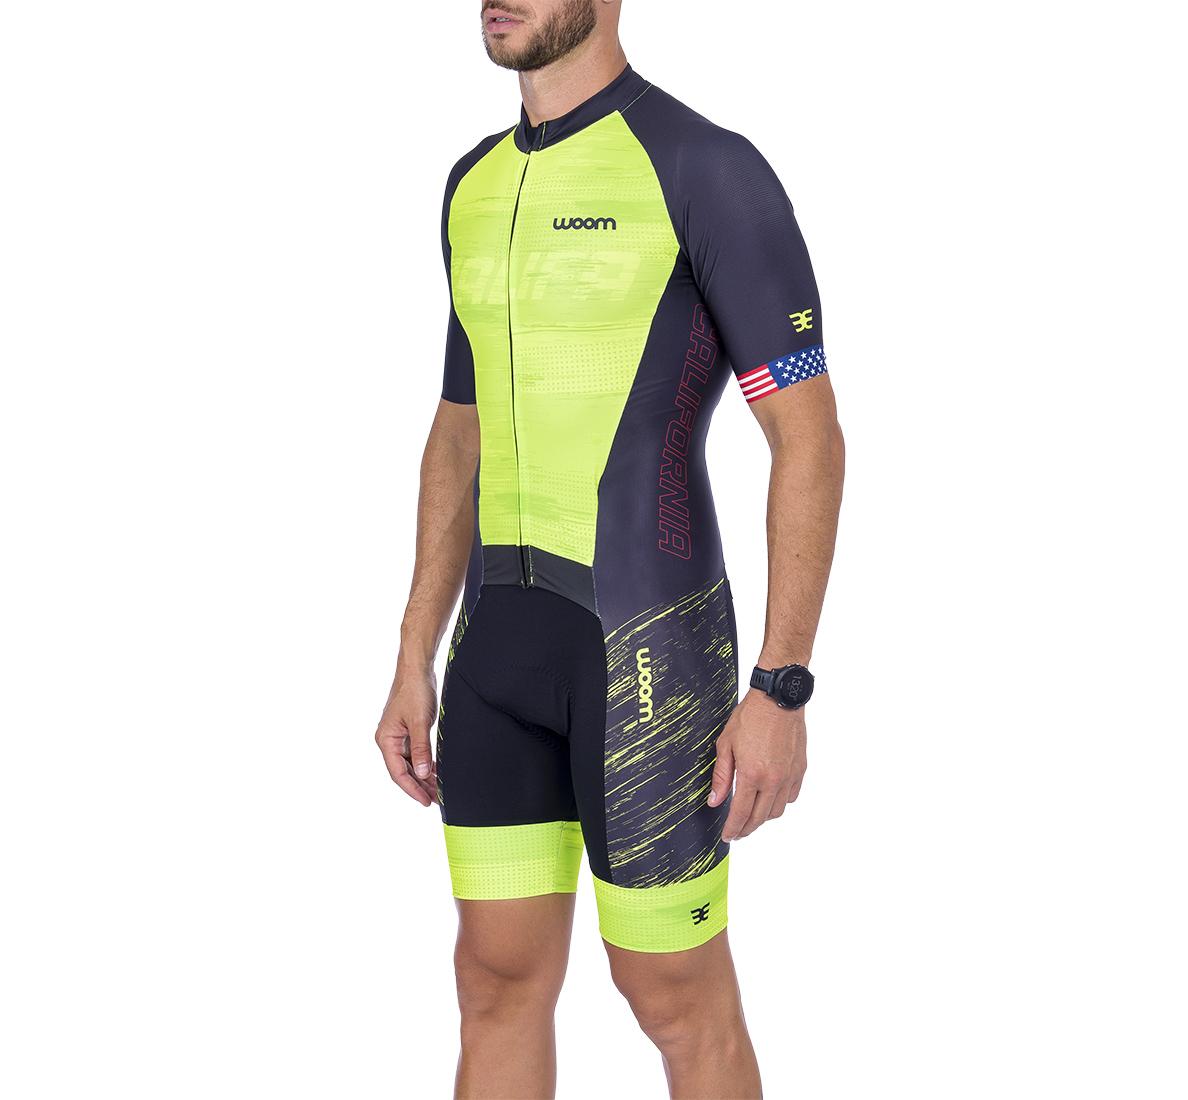 Macaquinho Ciclismo Supreme Califórnia Masc - 2021